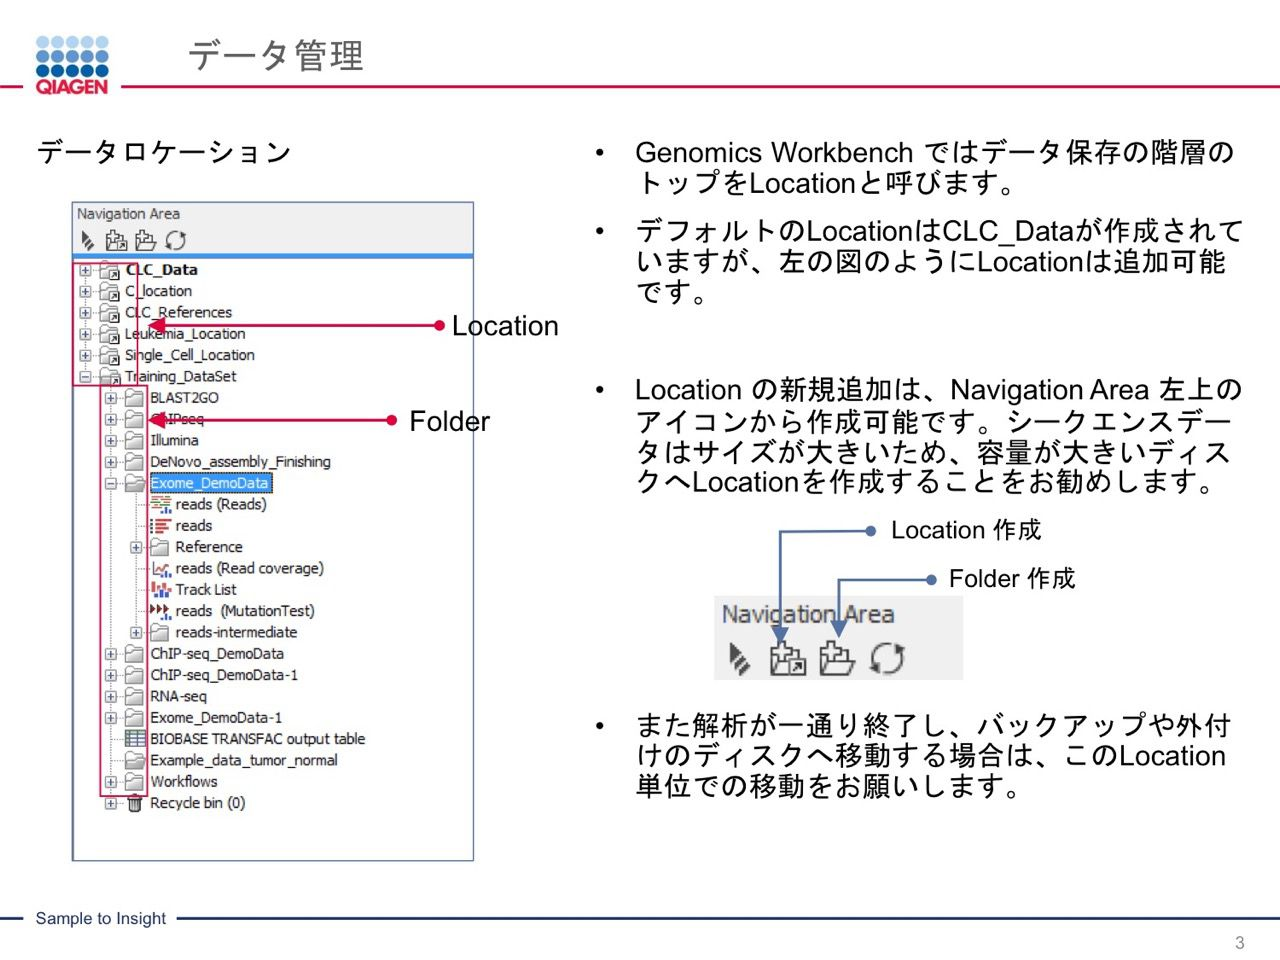 images/AJACSa2_miyamoto_003.jpg